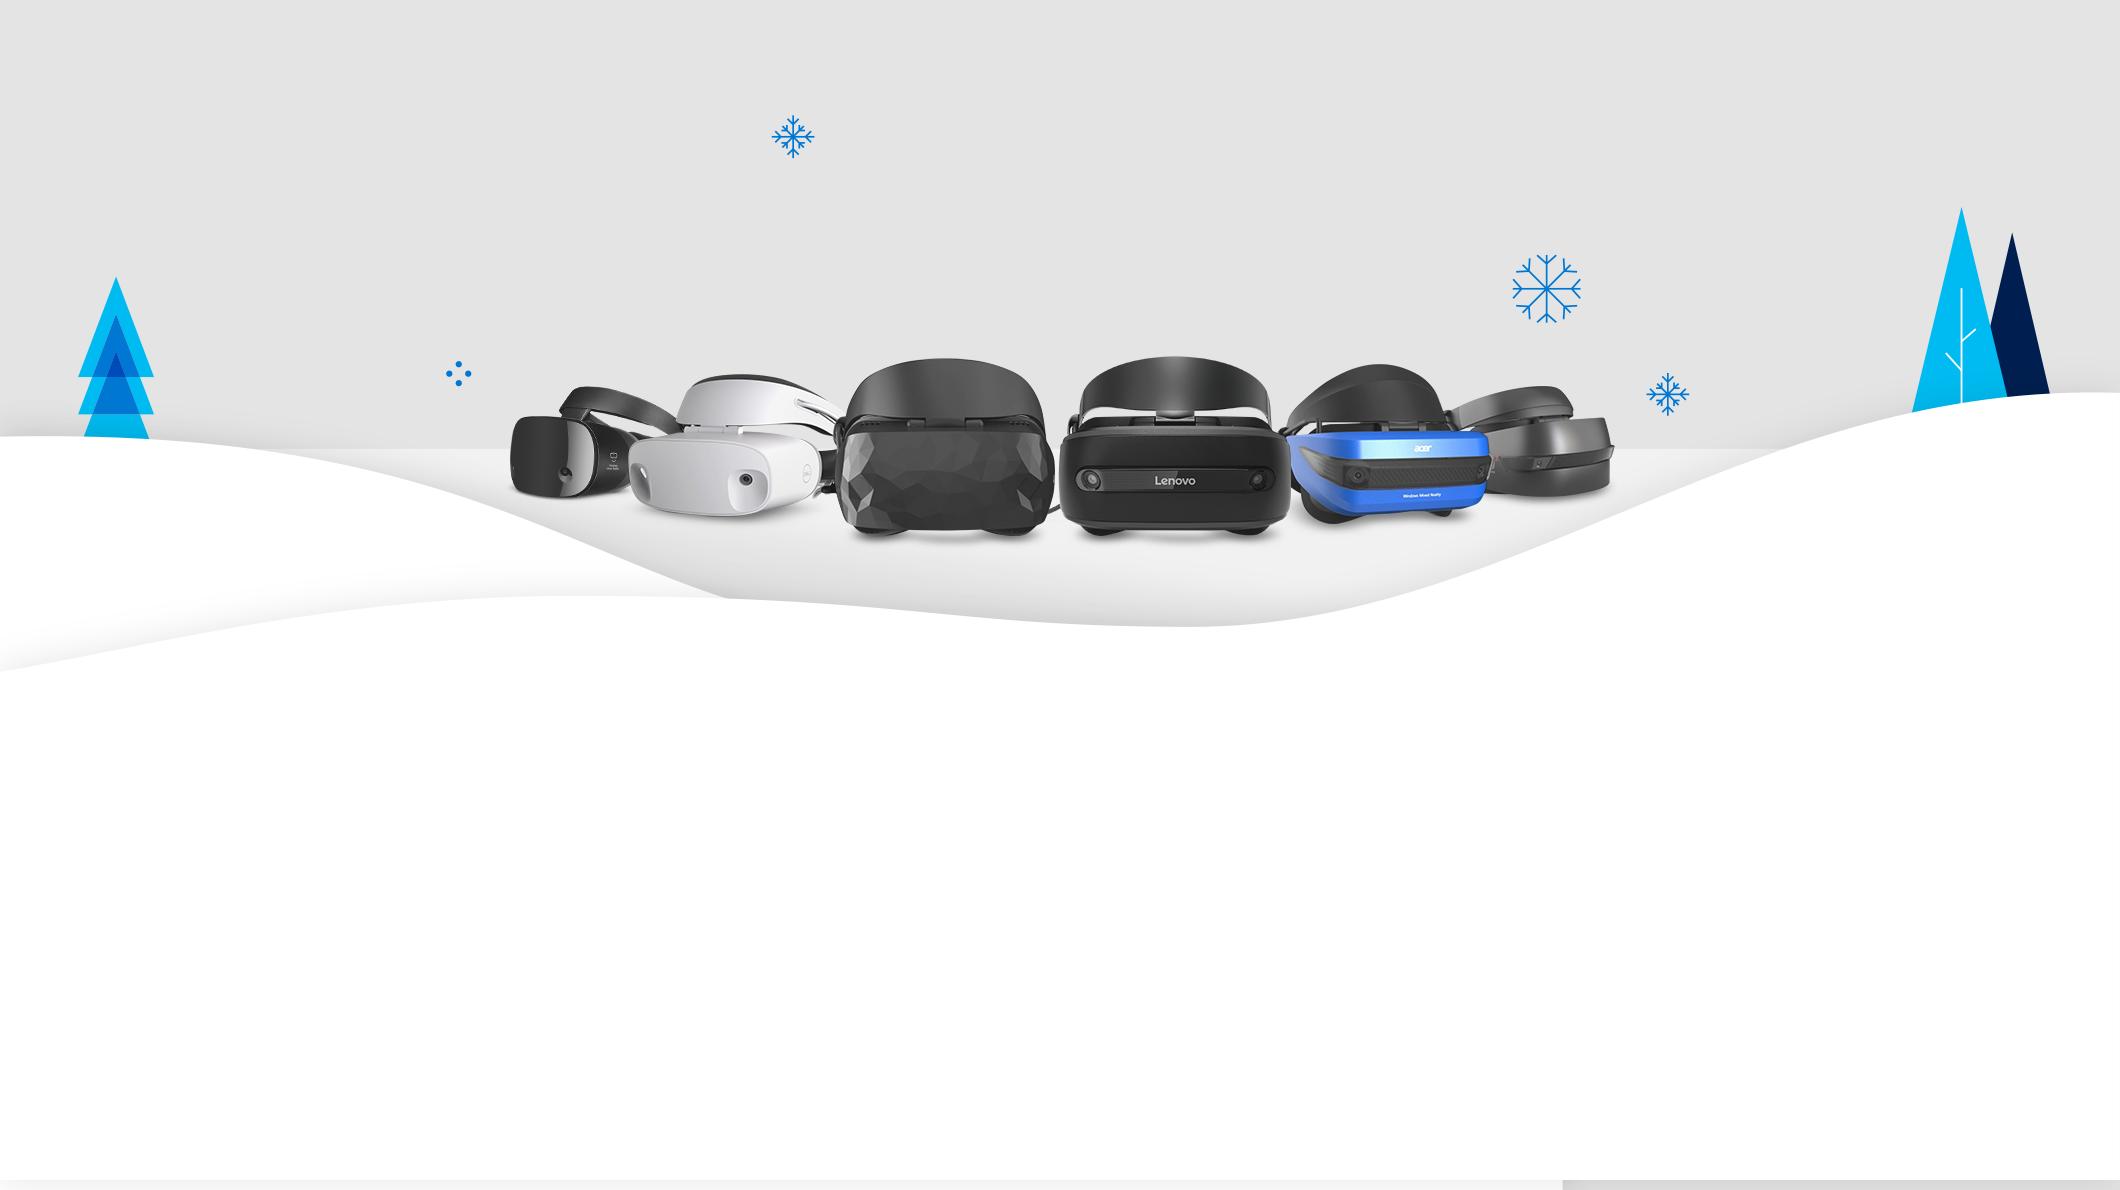 Dell visor, mixed reality headsets, HP, ASUS